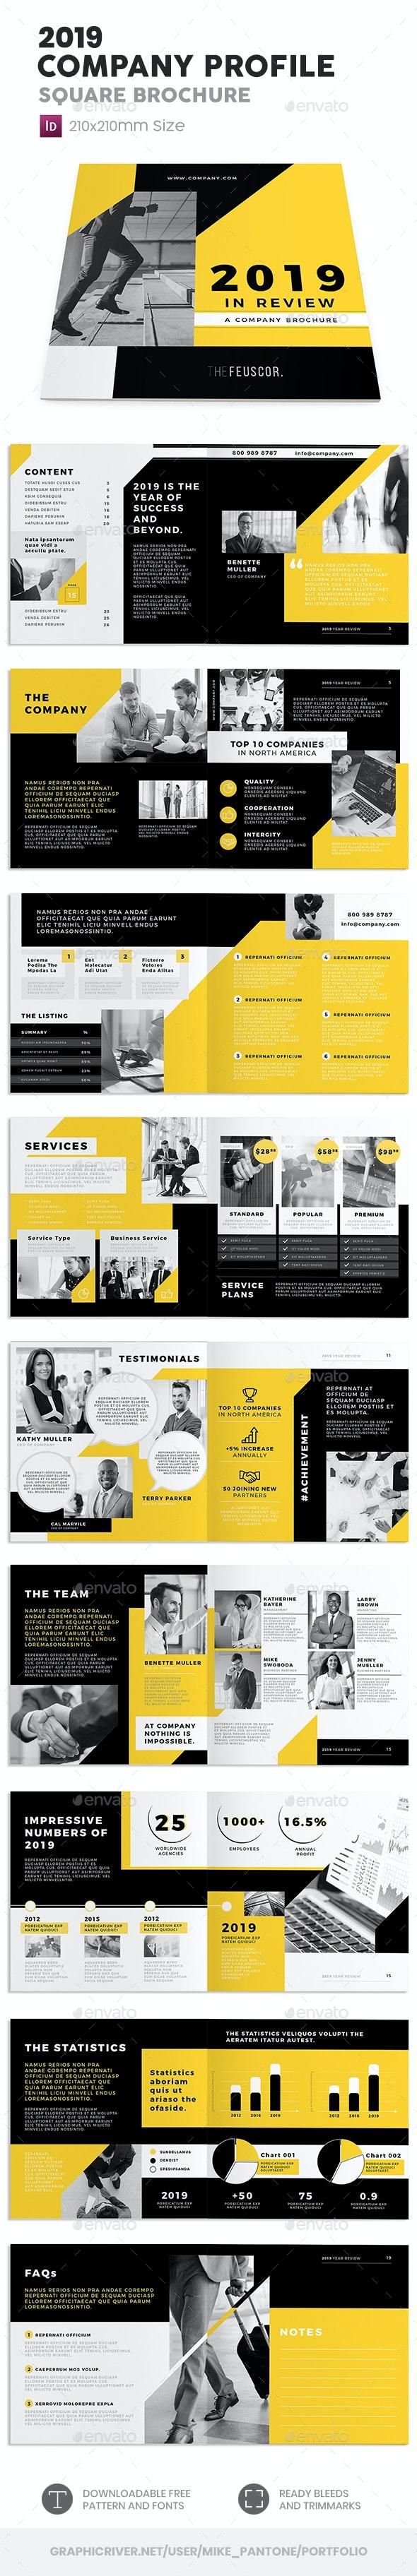 Company Profile 2019 – Square Brochure - Corporate Brochures